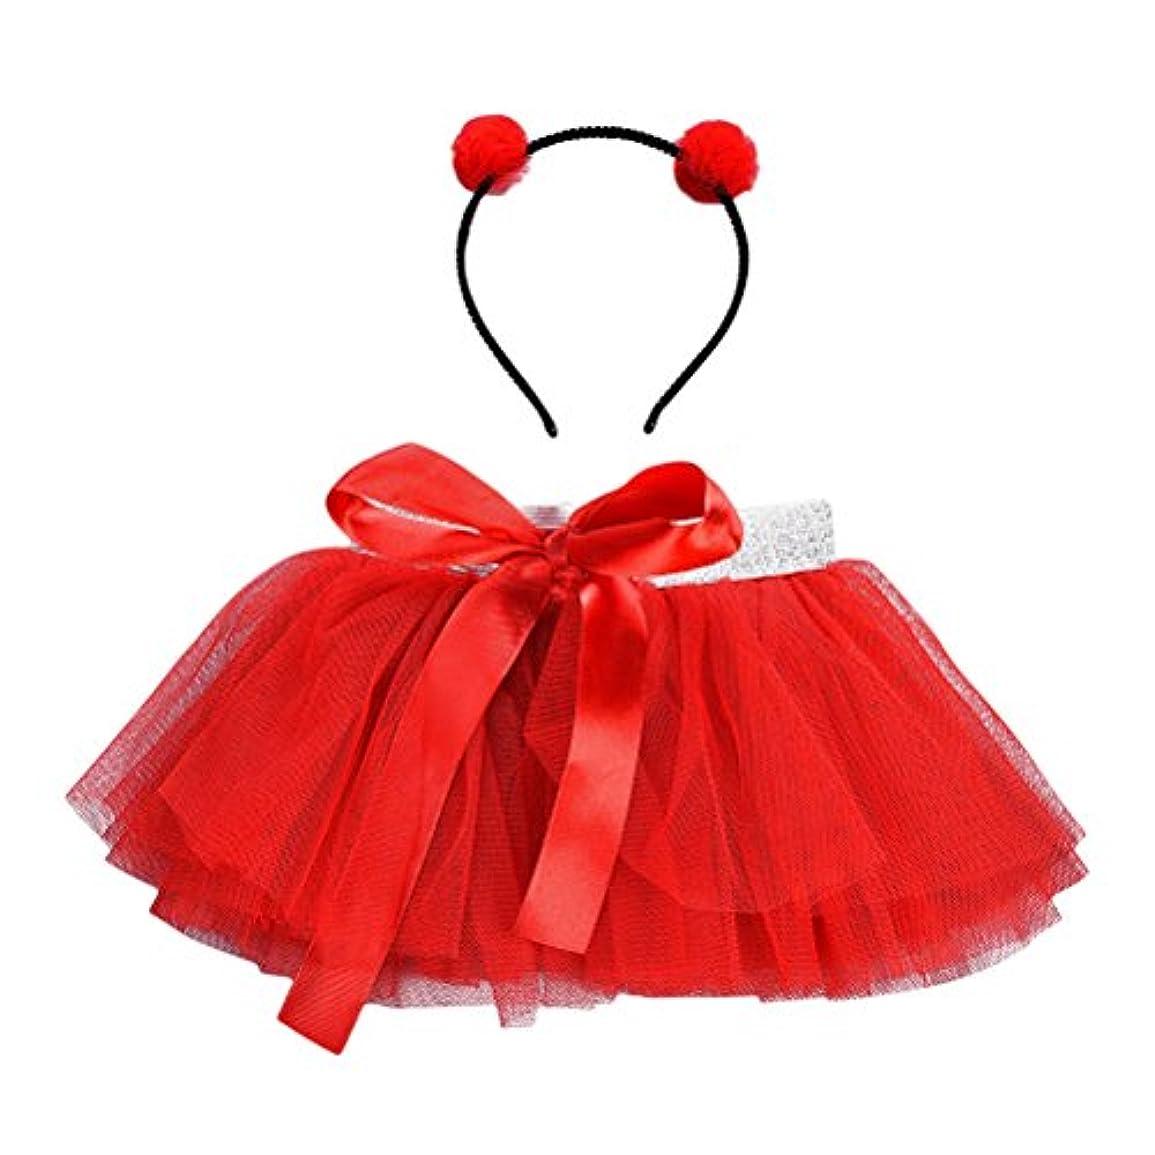 LUOEM 女の子TutuスカートセットヘッドバンドプリンセスガールTutuの服装赤ちゃん女の子Birthday Outfit Set(Red)